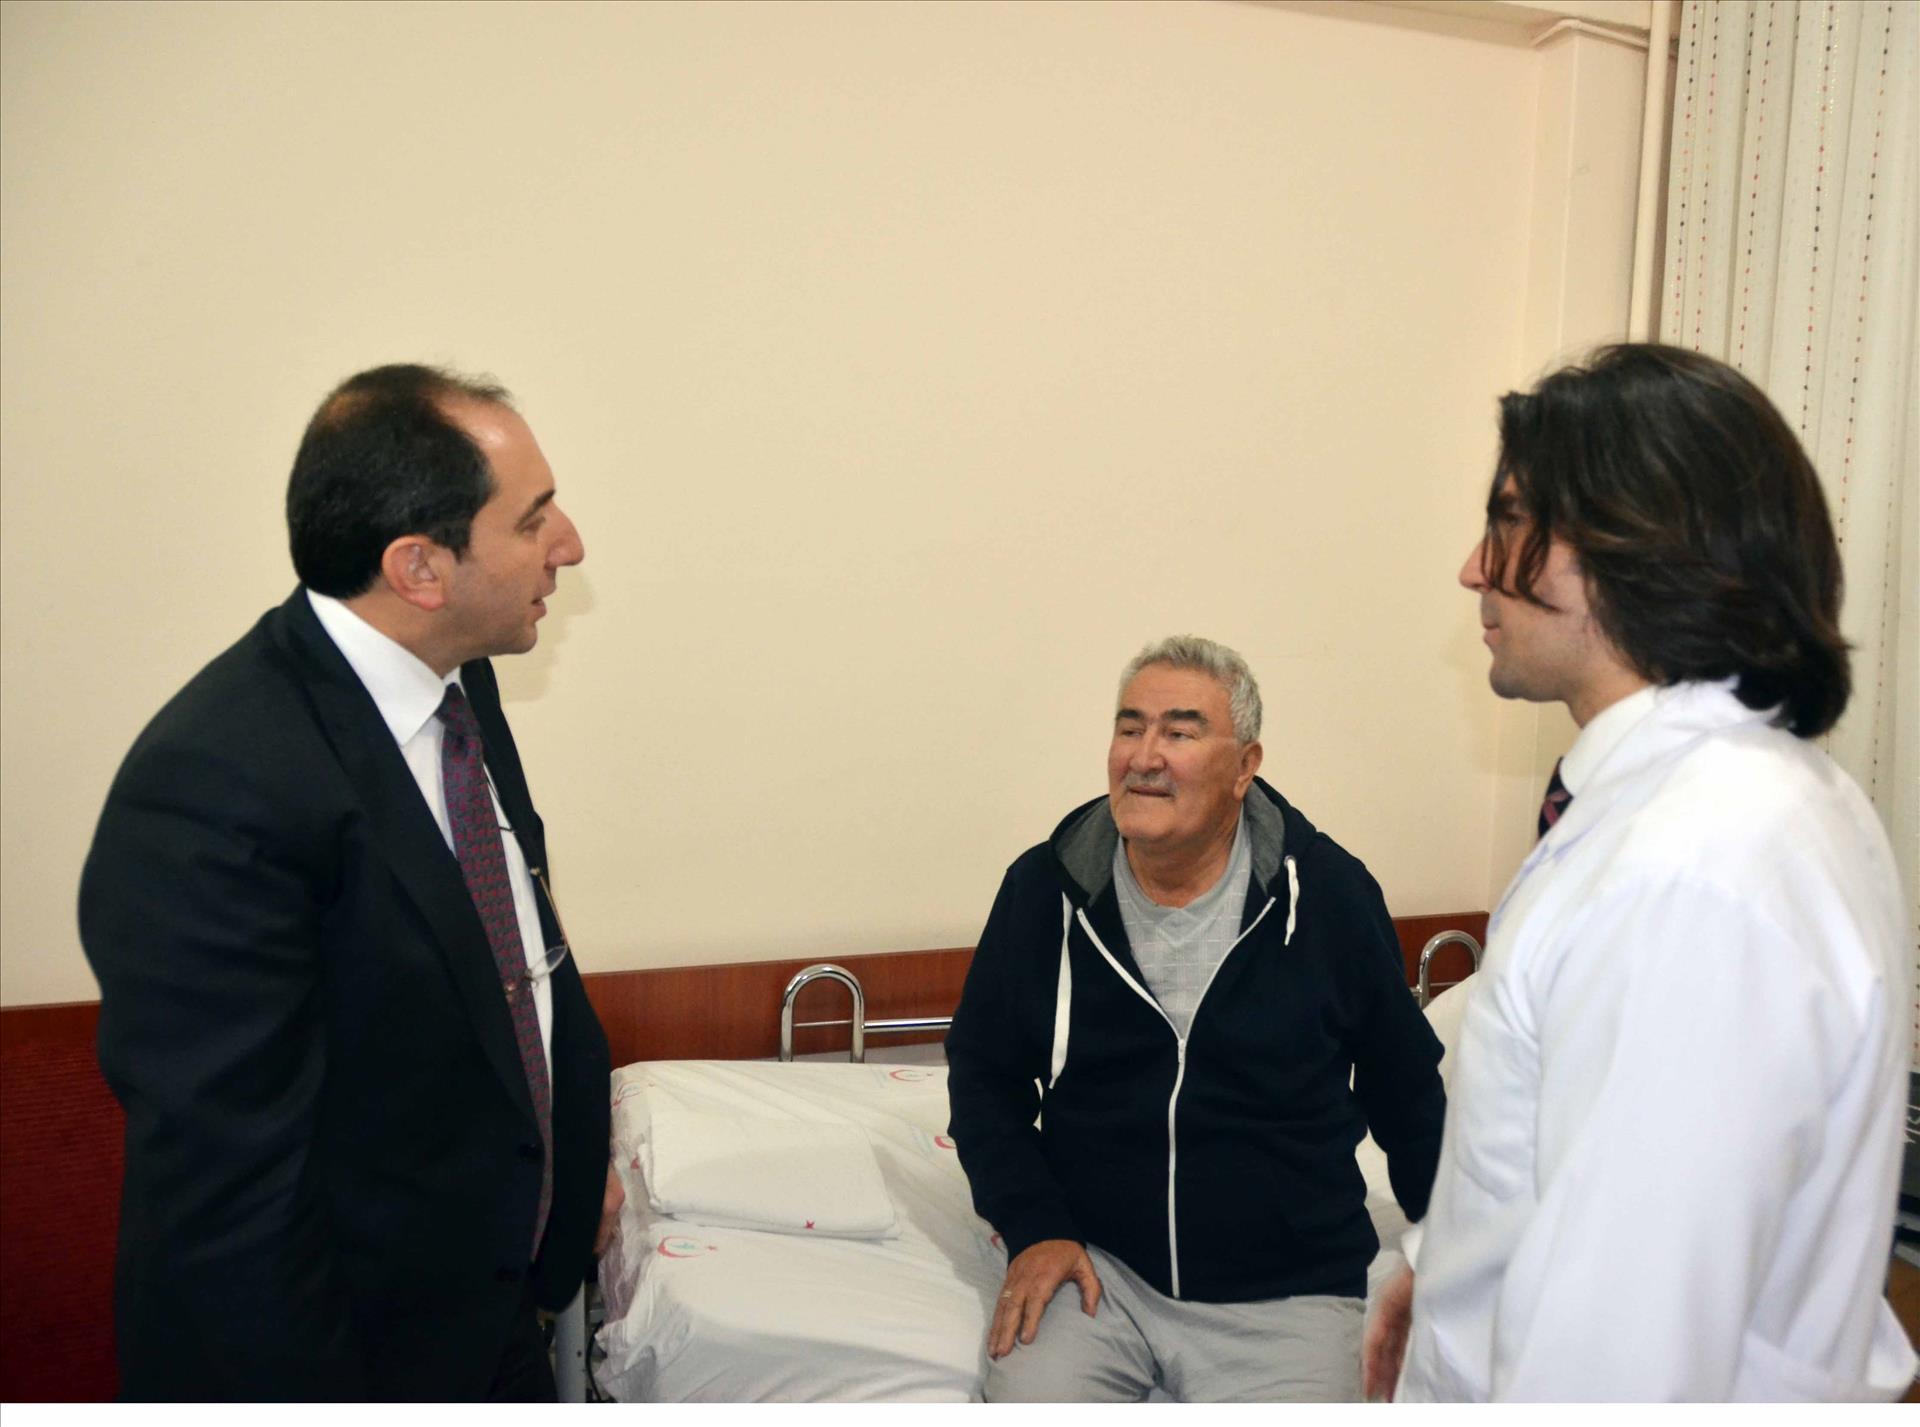 Tıp Fakültemizde Retina Ameliyatı (Vitreoretinal Cerrahi) Yapılmaya Başlandı